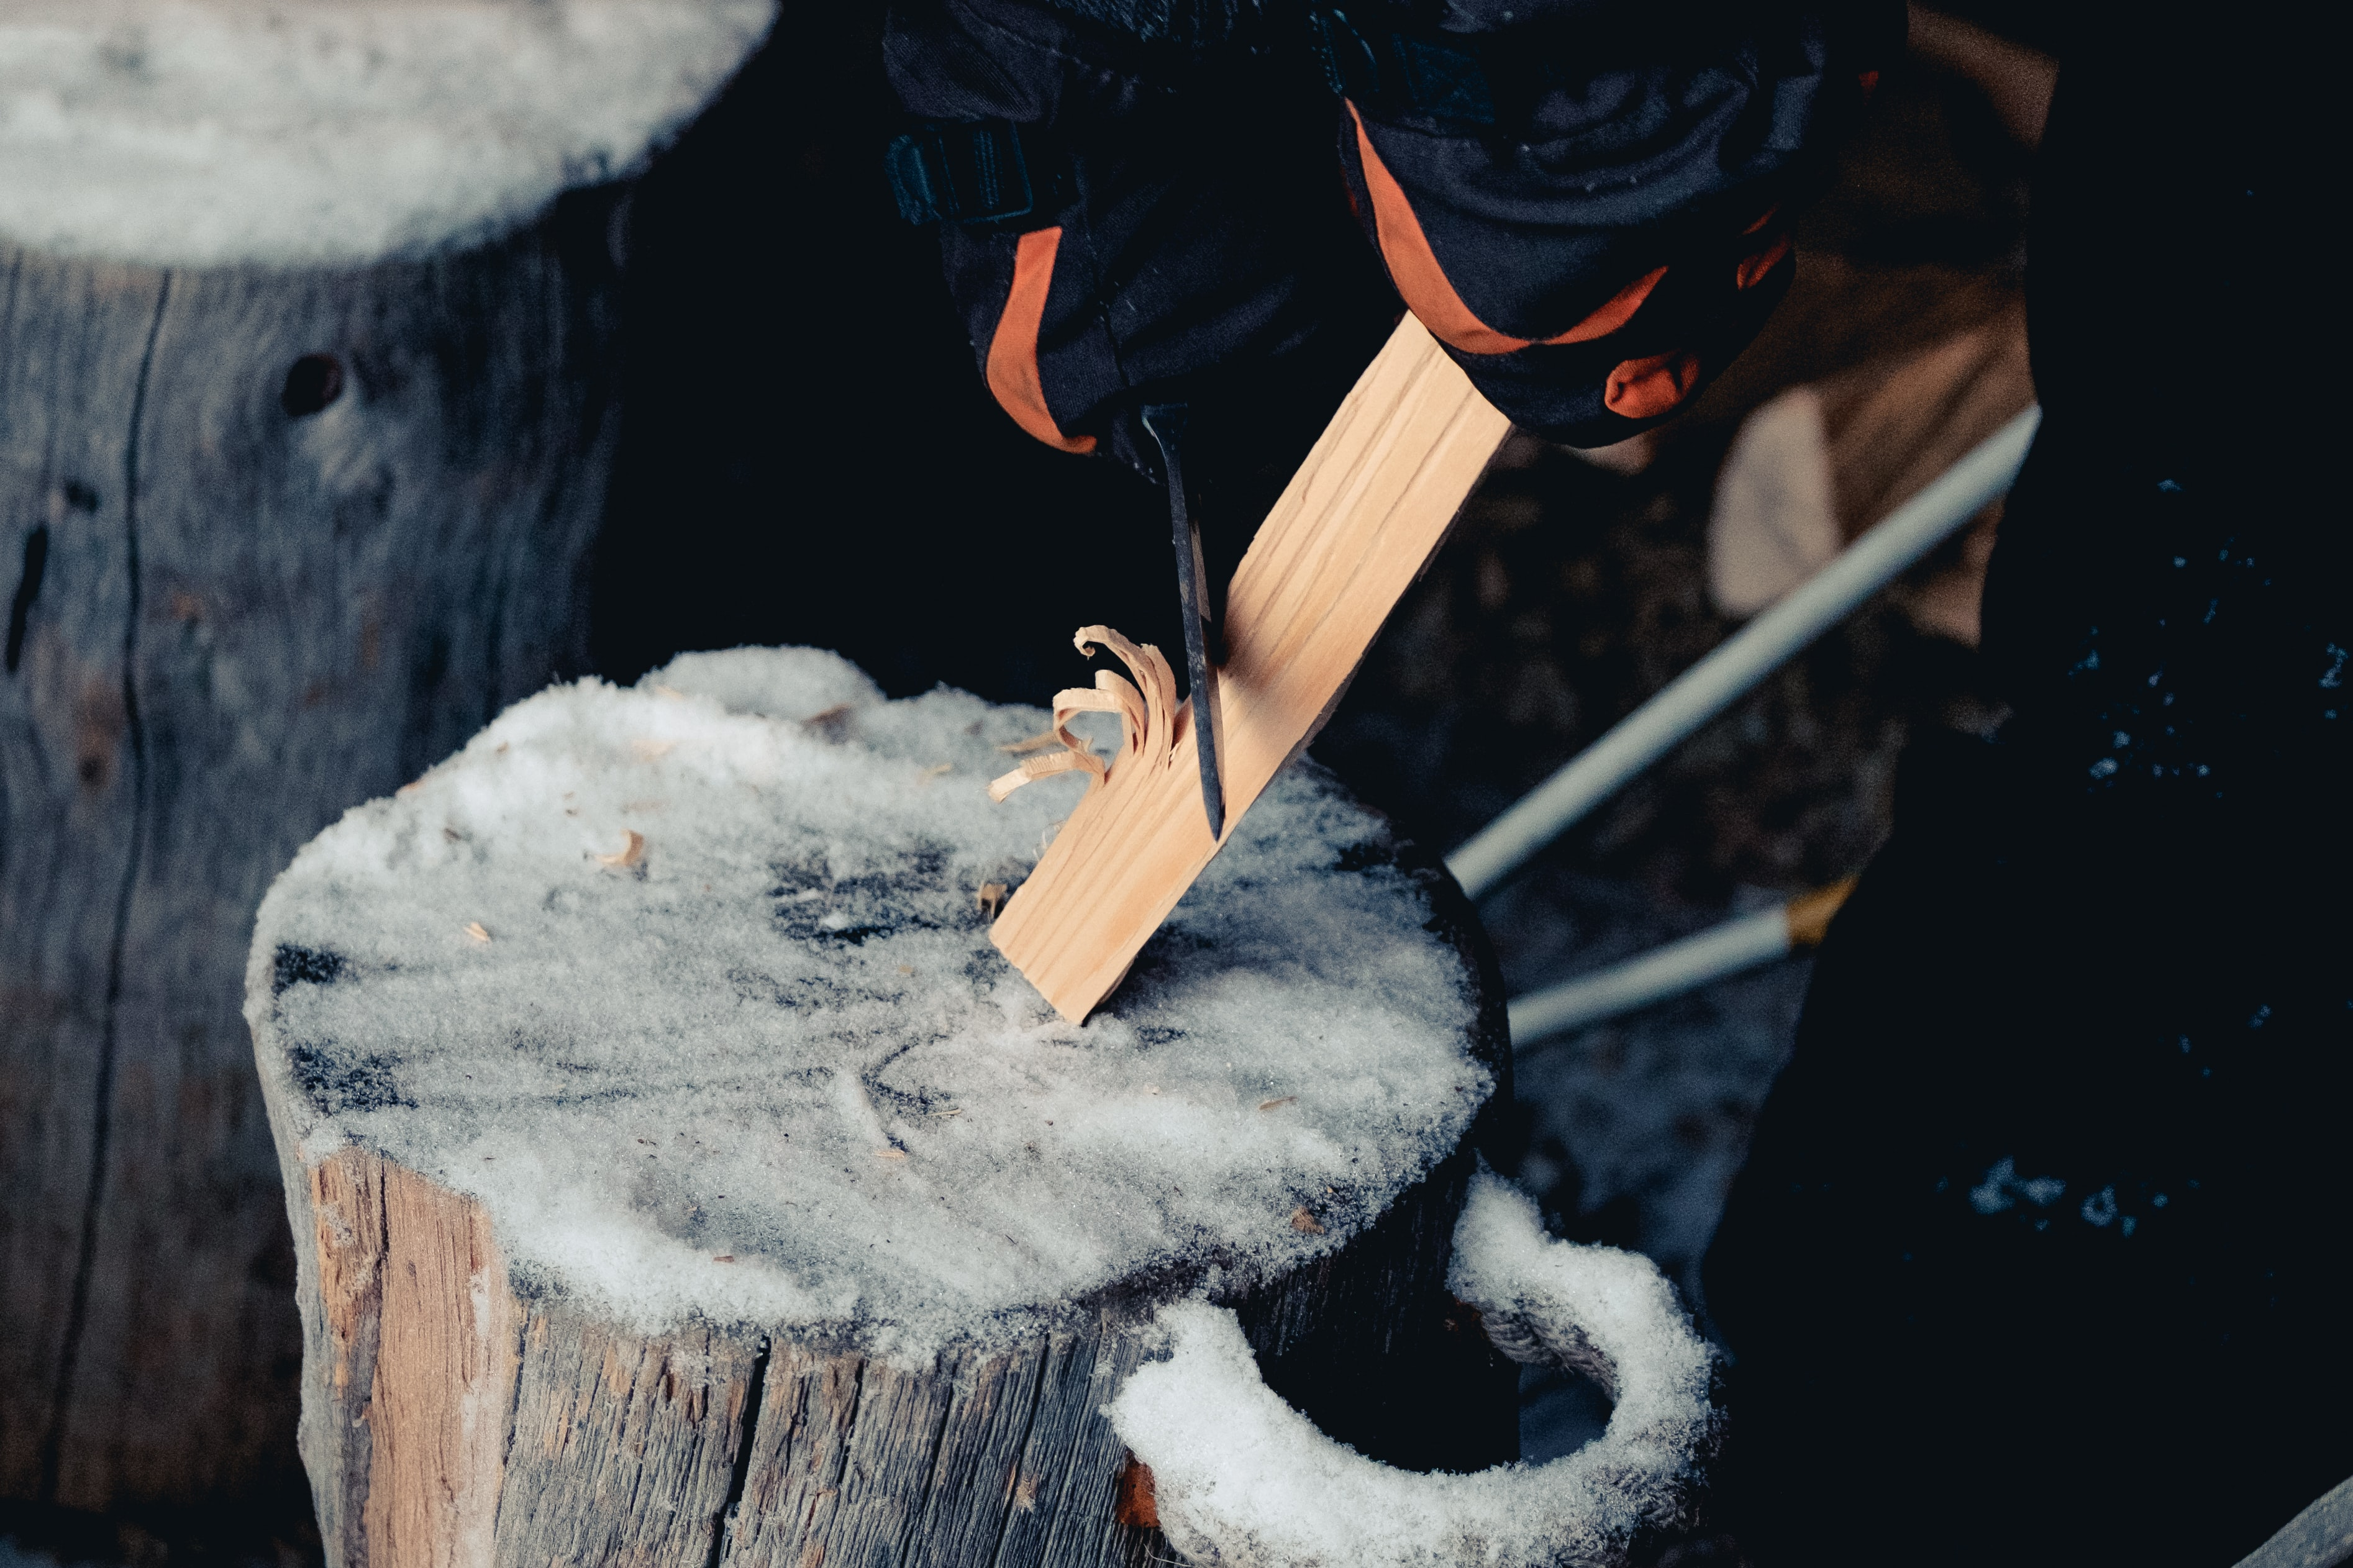 Man cuts wood on a snowy stump in Rukatunturi